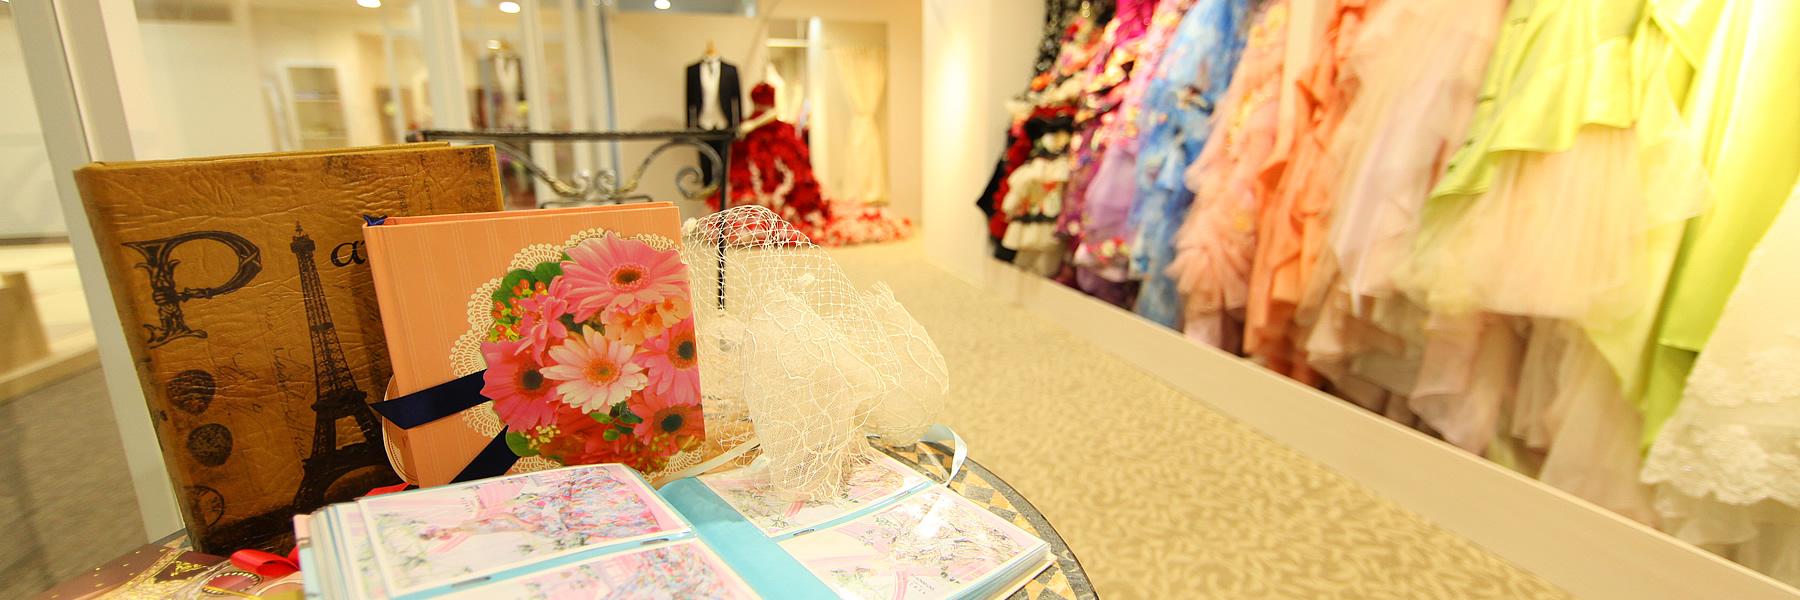 ドレス & ビューティ|レンブラントホテル鹿児島【公式】婚礼サイト